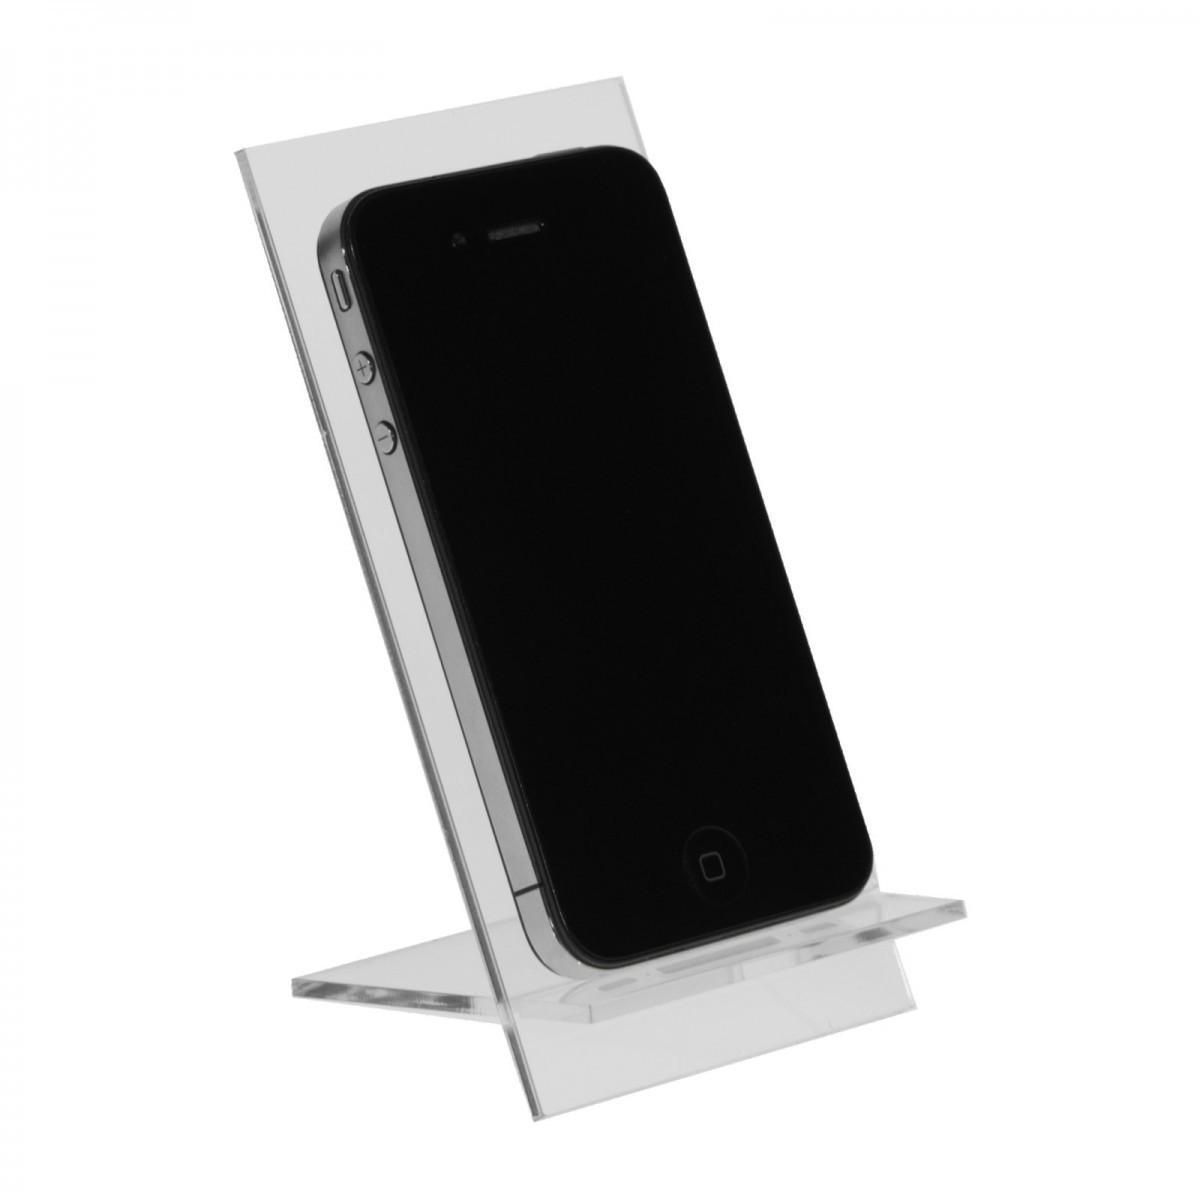 E-123 PCE-G - Espositore in plexiglass per cellulari / smartphone - Misura: 7x9x H12 cm